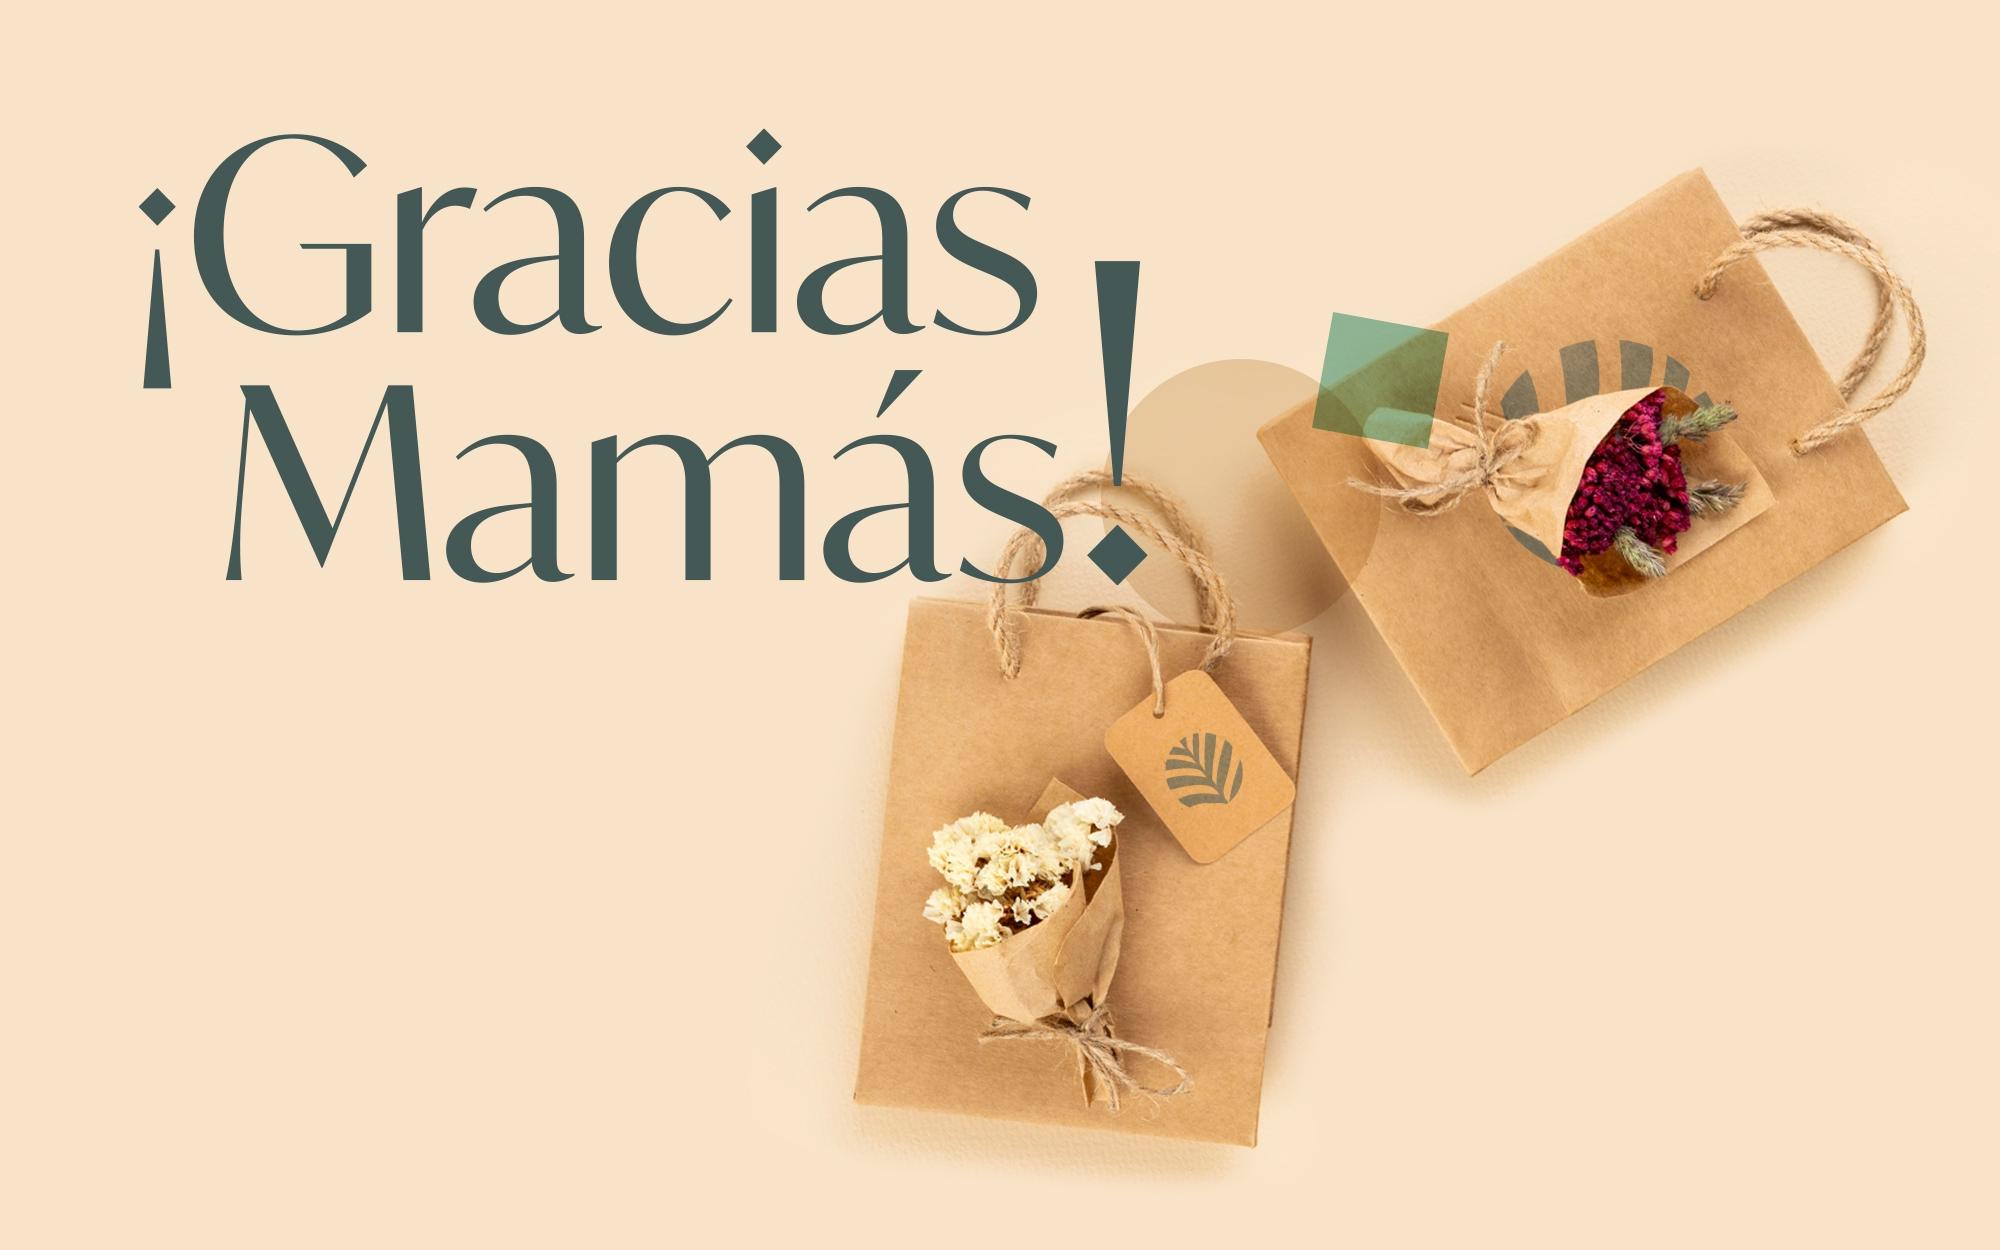 detalles_ecologicos_dia_madre_como_celebrar_dia_madre_empresa_miniatura_post_blog